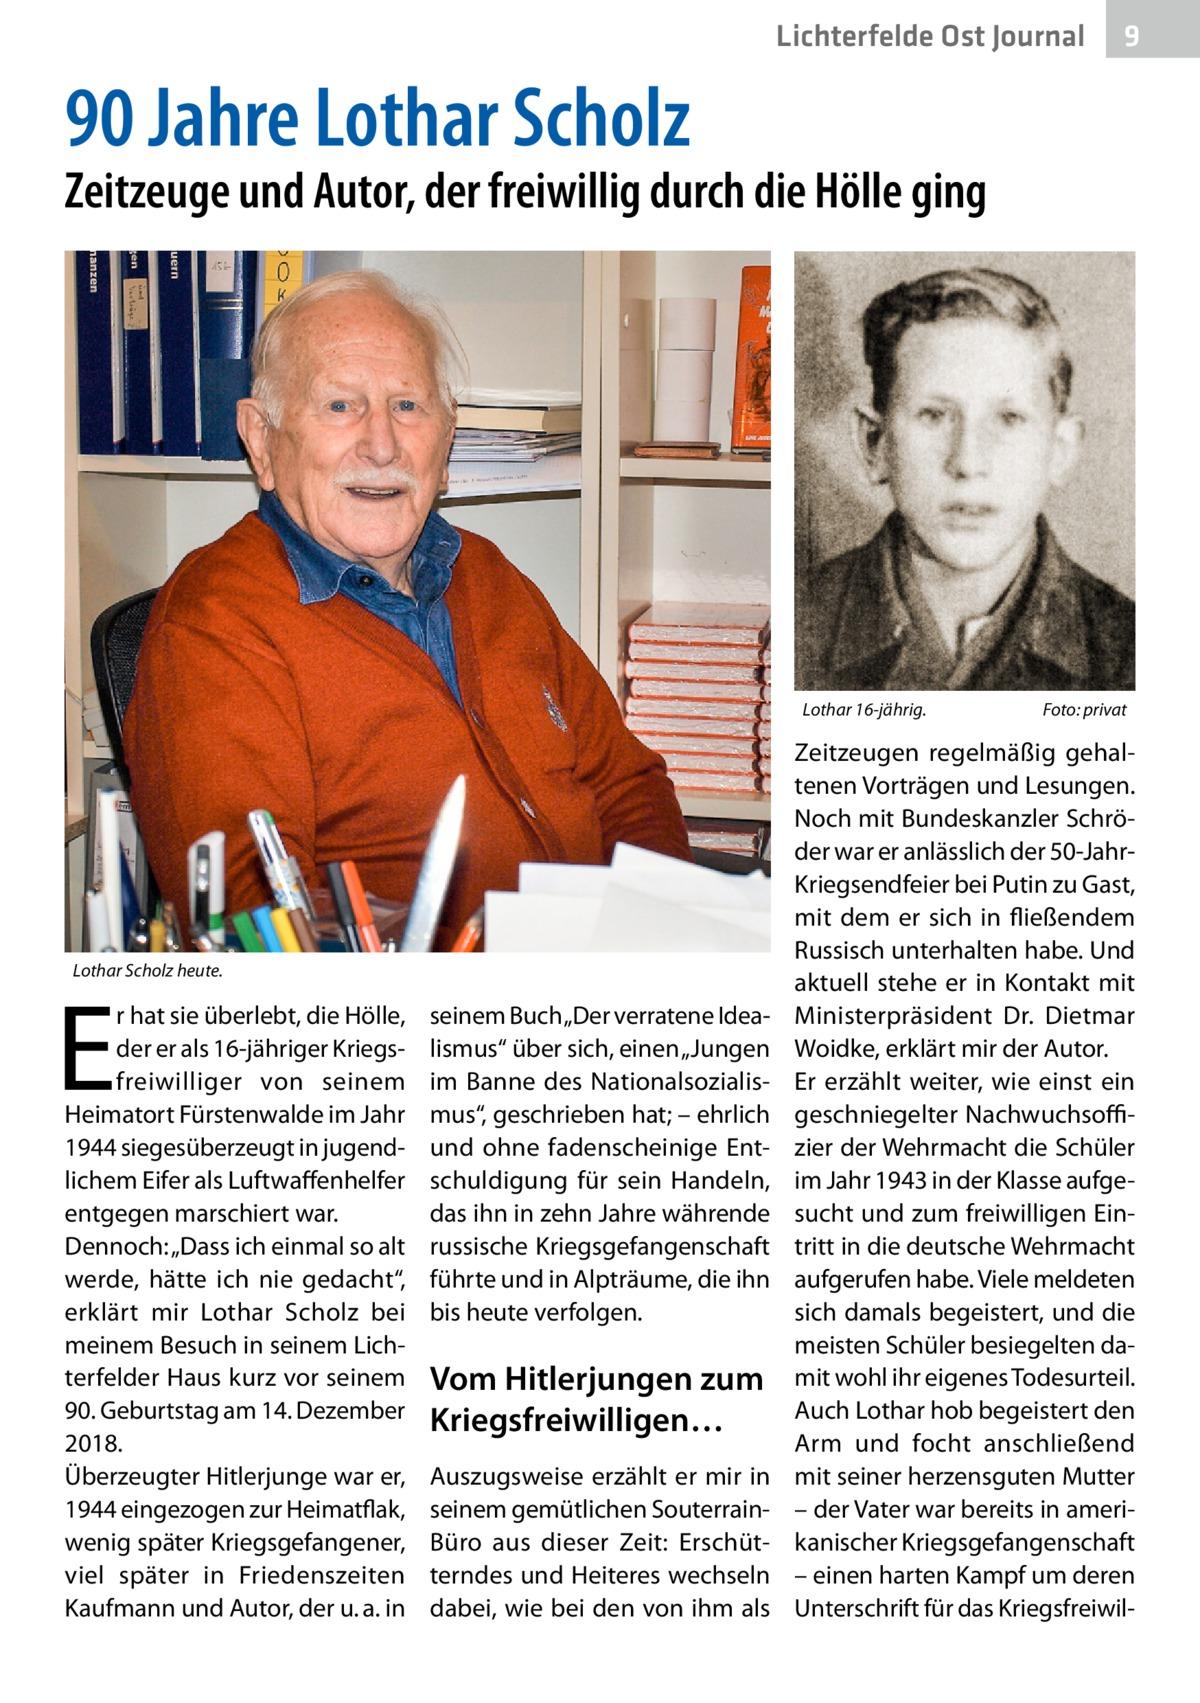 """Lichterfelde Ost Journal  9  90Jahre Lothar Scholz  Zeitzeuge und Autor, der freiwillig durch die Hölle ging  Lothar 16-jährig.�  Lothar Scholz heute.  E  r hat sie überlebt, die Hölle, der er als 16-jähriger Kriegsfreiwilliger von seinem Heimatort Fürstenwalde im Jahr 1944 siegesüberzeugt in jugendlichem Eifer als Luftwaffenhelfer entgegen marschiert war. Dennoch: """"Dass ich einmal so alt werde, hätte ich nie gedacht"""", erklärt mir Lothar Scholz bei meinem Besuch in seinem Lichterfelder Haus kurz vor seinem 90.Geburtstag am 14.Dezember 2018. Überzeugter Hitlerjunge war er, 1944 eingezogen zur Heimatflak, wenig später Kriegsgefangener, viel später in Friedenszeiten Kaufmann und Autor, der u.a. in  seinem Buch """"Der verratene Idealismus"""" über sich, einen """"Jungen im Banne des Nationalsozialismus"""", geschrieben hat; – ehrlich und ohne fadenscheinige Entschuldigung für sein Handeln, das ihn in zehn Jahre währende russische Kriegsgefangenschaft führte und in Alpträume, die ihn bis heute verfolgen.  Vom Hitlerjungen zum Kriegsfreiwilligen… Auszugsweise erzählt er mir in seinem gemütlichen SouterrainBüro aus dieser Zeit: Erschütterndes und Heiteres wechseln dabei, wie bei den von ihm als  Foto: privat  Zeitzeugen regelmäßig gehaltenen Vorträgen und Lesungen. Noch mit Bundeskanzler Schröder war er anlässlich der 50-JahrKriegsendfeier bei Putin zu Gast, mit dem er sich in fließendem Russisch unterhalten habe. Und aktuell stehe er in Kontakt mit Ministerpräsident Dr. Dietmar Woidke, erklärt mir der Autor. Er erzählt weiter, wie einst ein geschniegelter Nachwuchsoffizier der Wehrmacht die Schüler im Jahr 1943 in der Klasse aufgesucht und zum freiwilligen Eintritt in die deutsche Wehrmacht aufgerufen habe. Viele meldeten sich damals begeistert, und die meisten Schüler besiegelten damit wohl ihr eigenes Todesurteil. Auch Lothar hob begeistert den Arm und focht anschließend mit seiner herzensguten Mutter – der Vater war bereits in amerikanischer Kriegsgefangenschaft – einen harten Ka"""